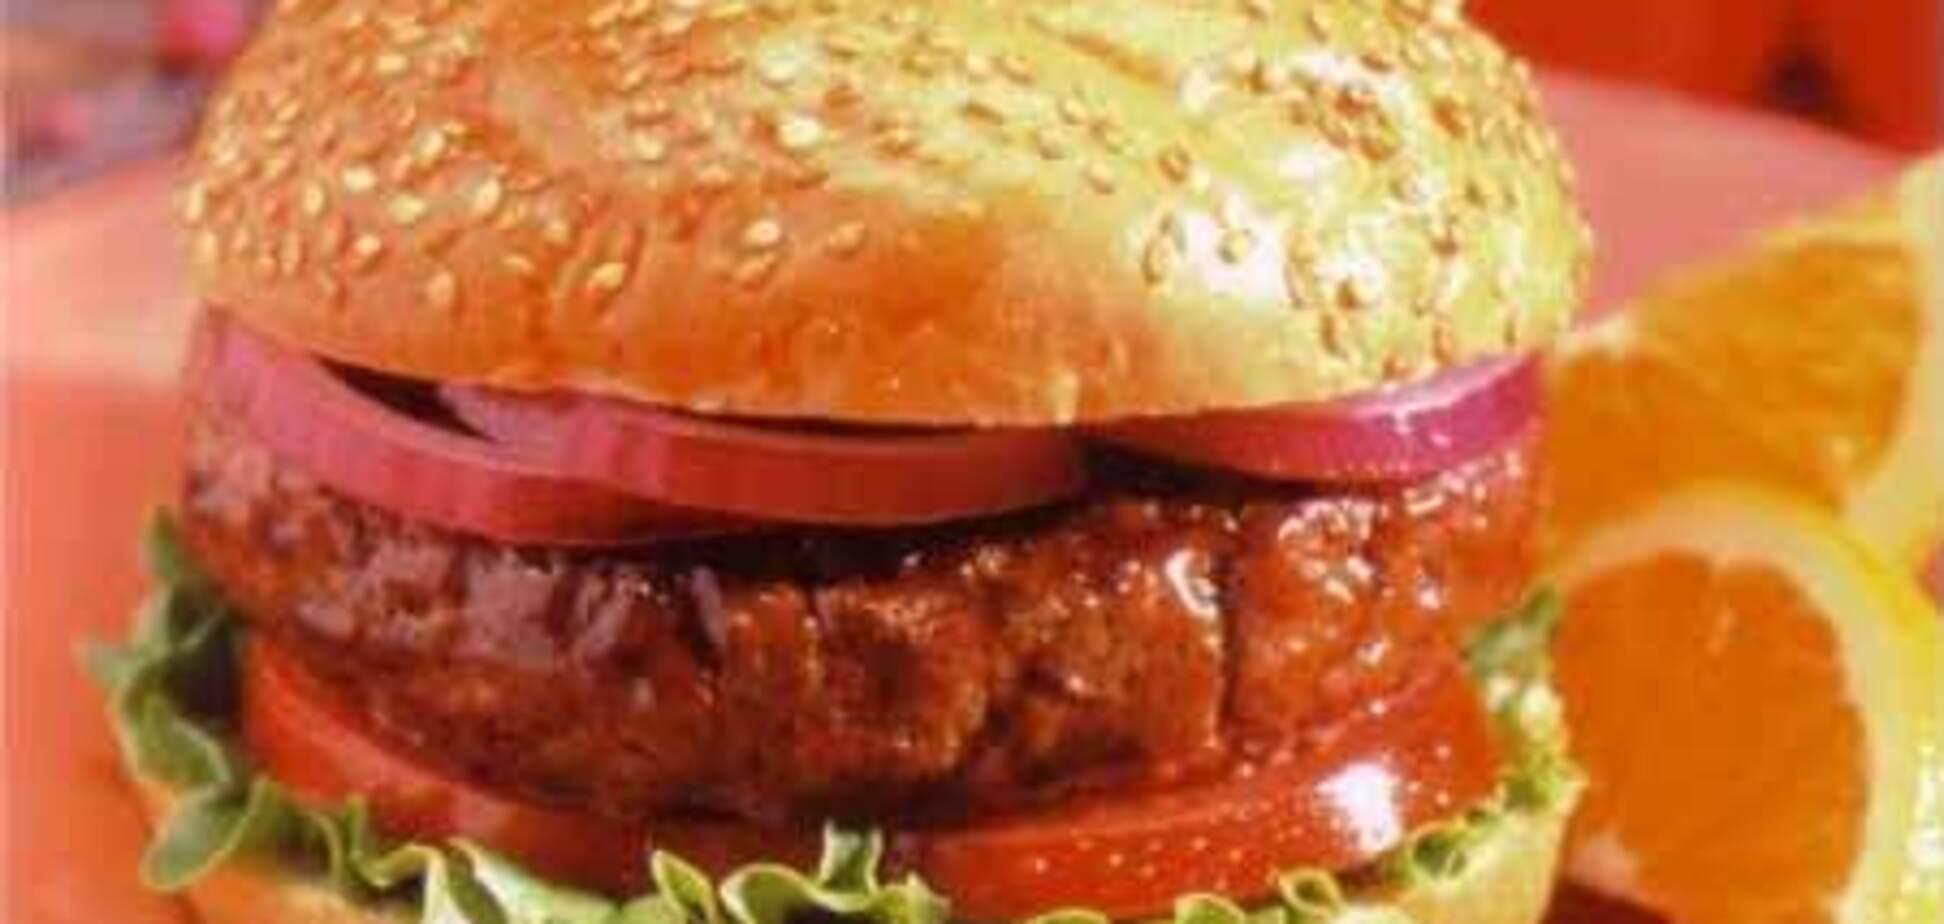 Самые дорогие гамбургеры в мире